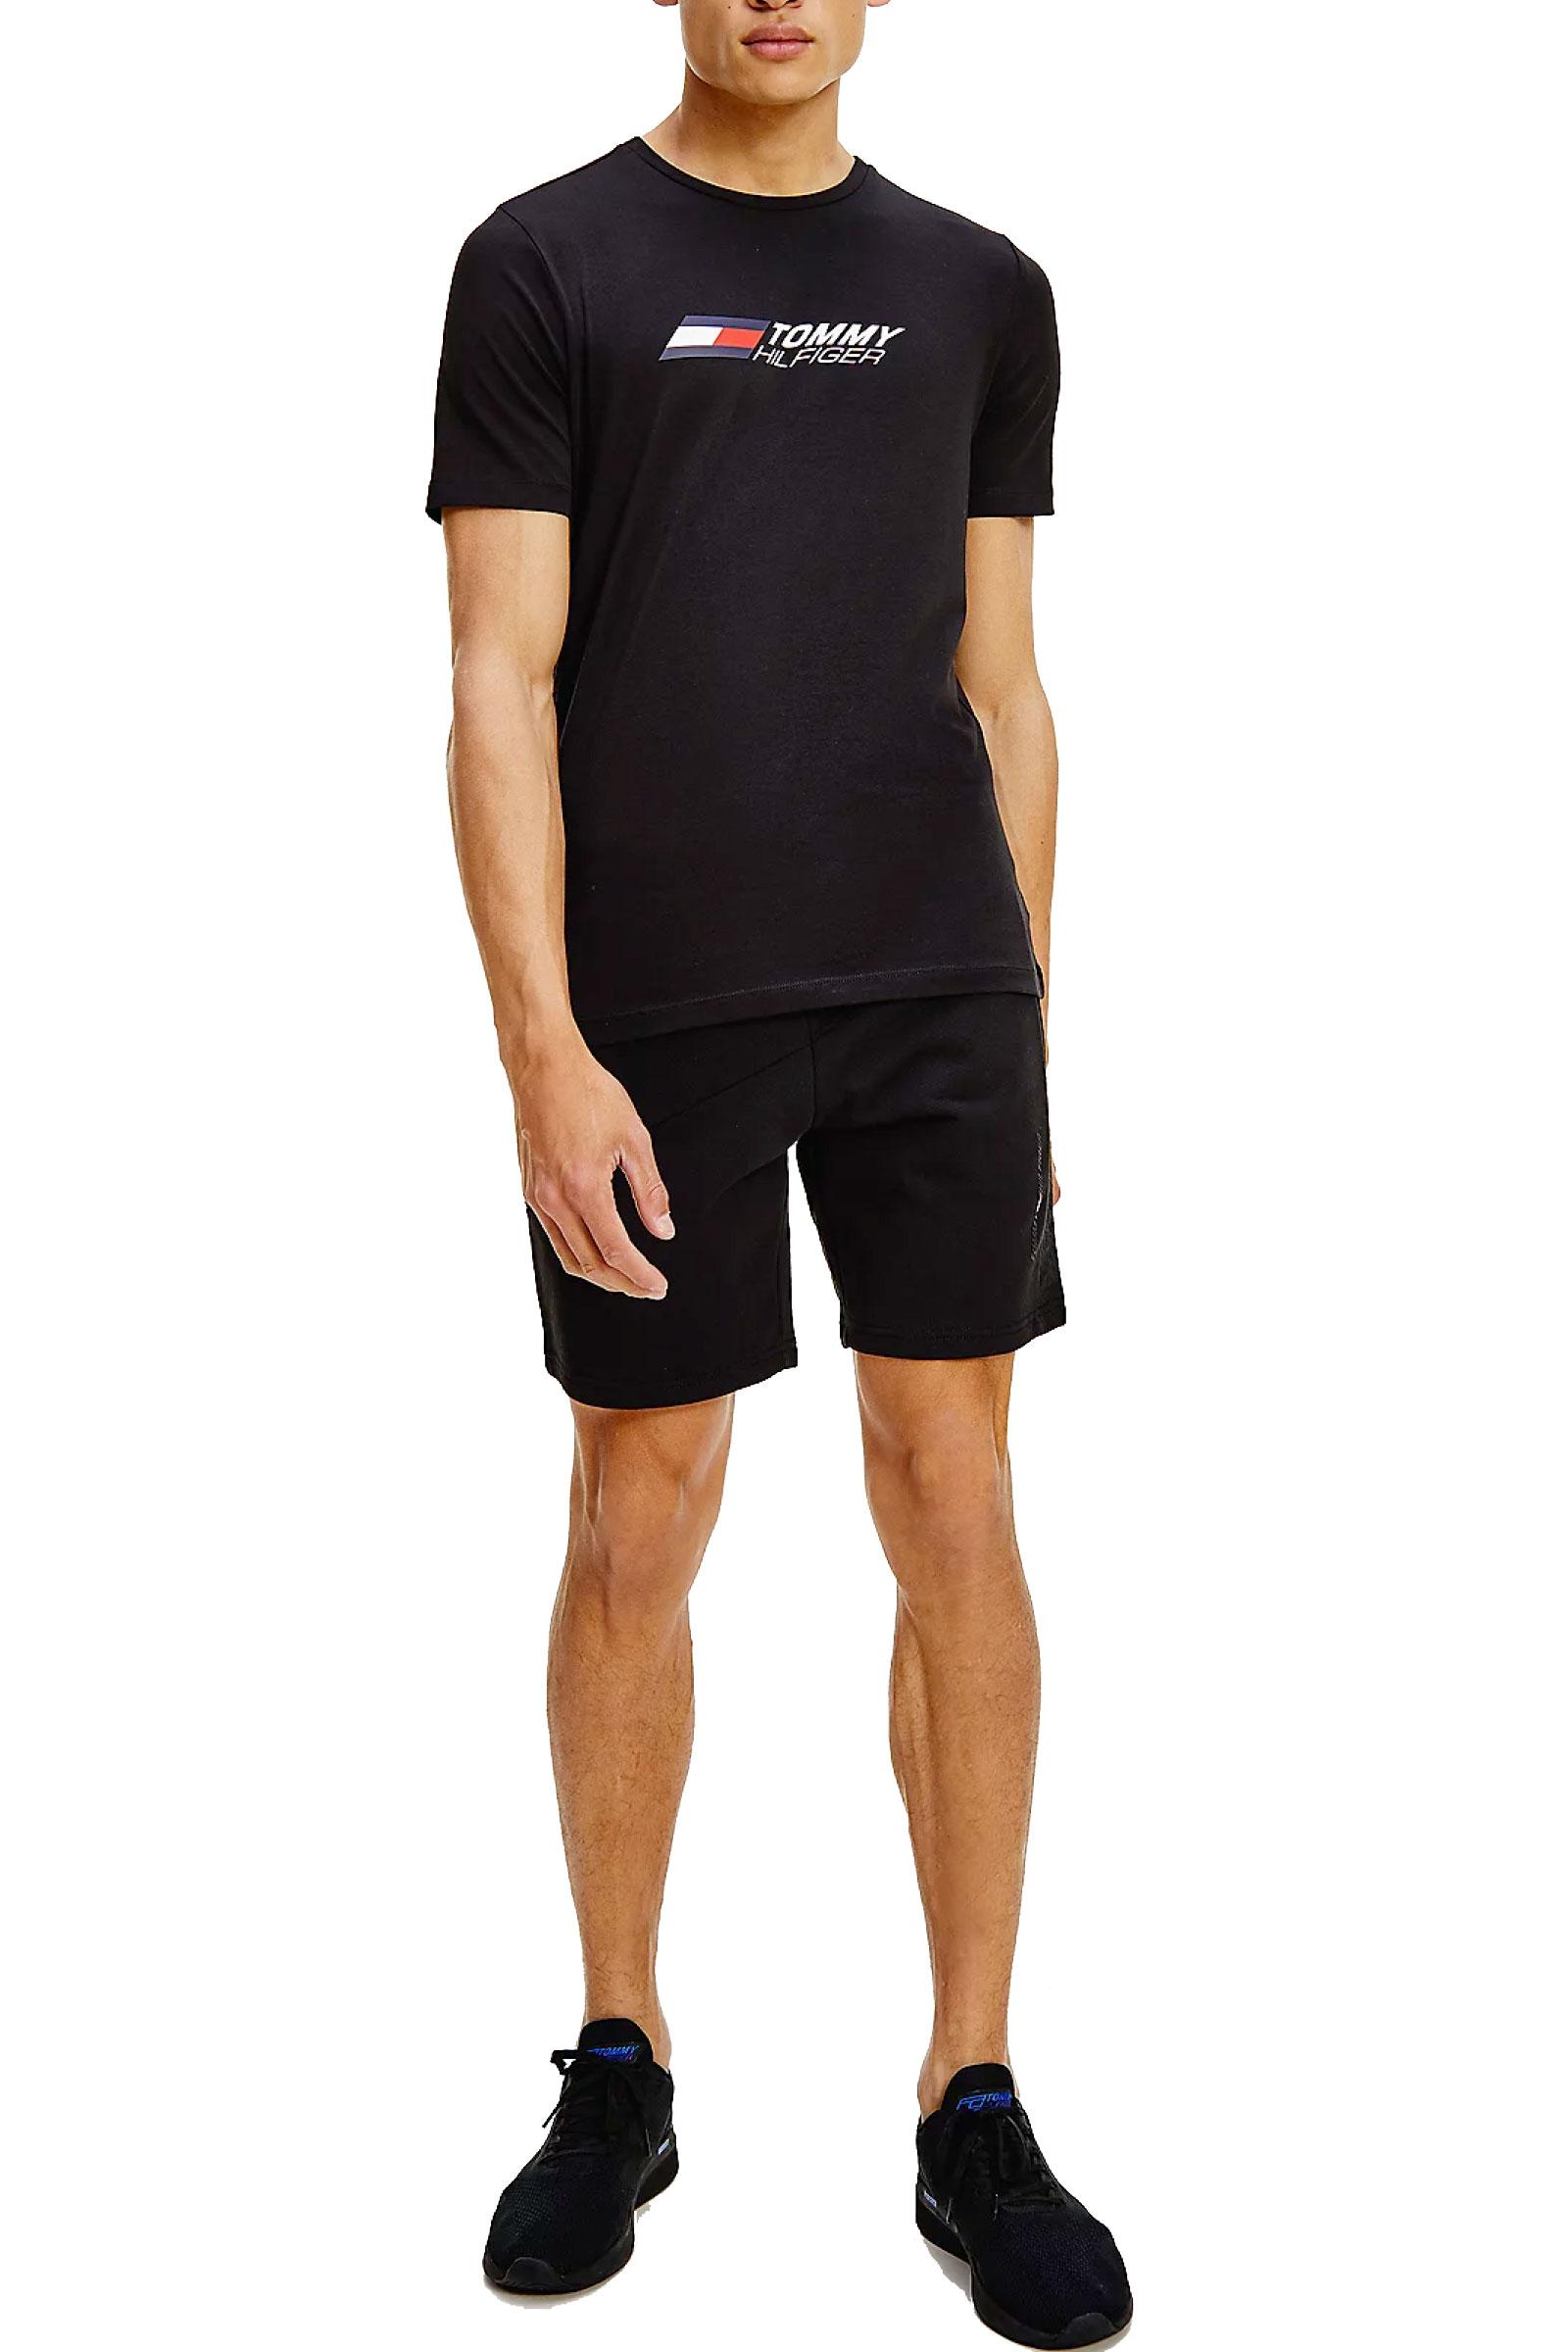 TOMMY HILFIGER   T-Shirt   MW0MW17282BDS